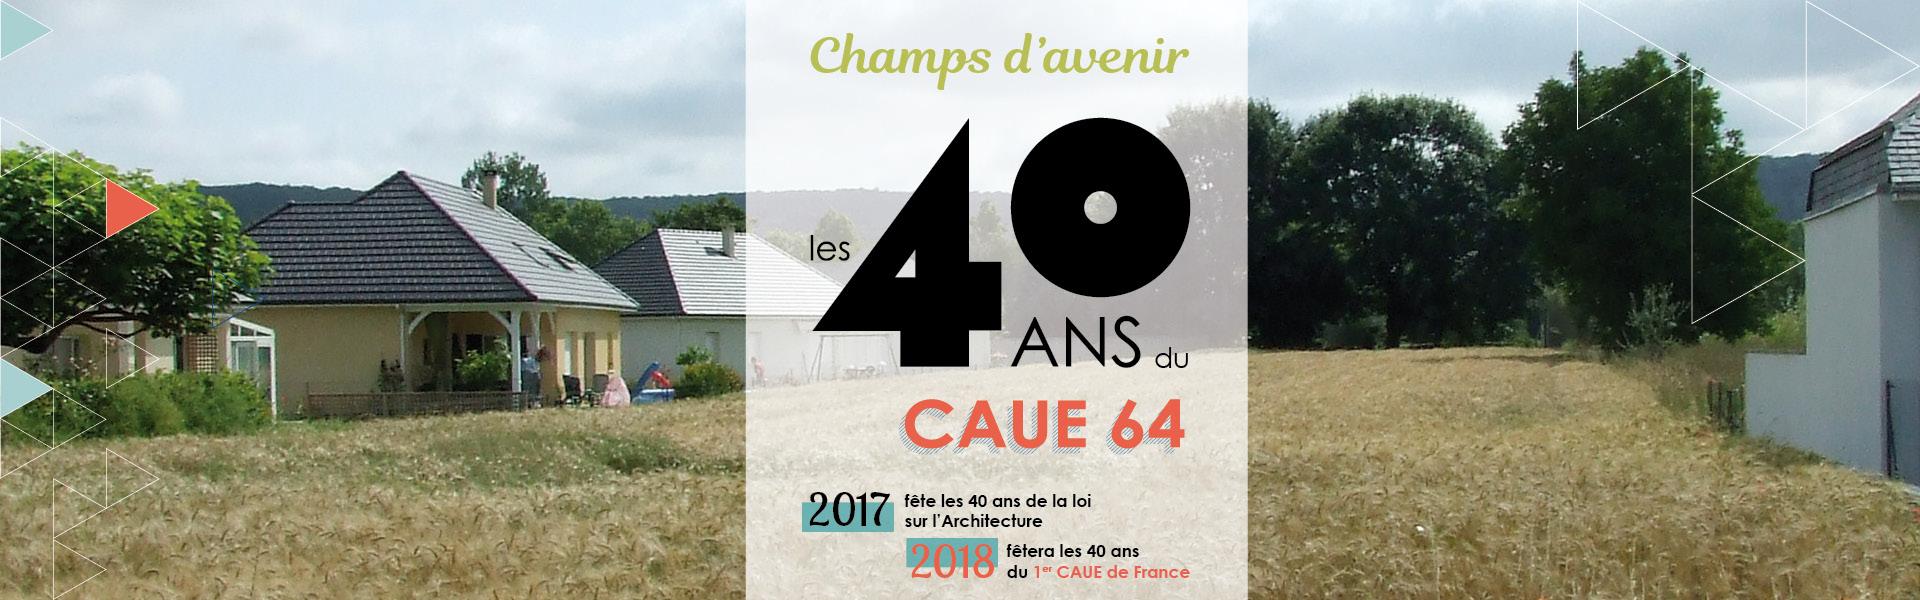 40 ans au service de l'architecture, de l'urbanisme, de l'environnement, des paysages...de notre cadre de vie !